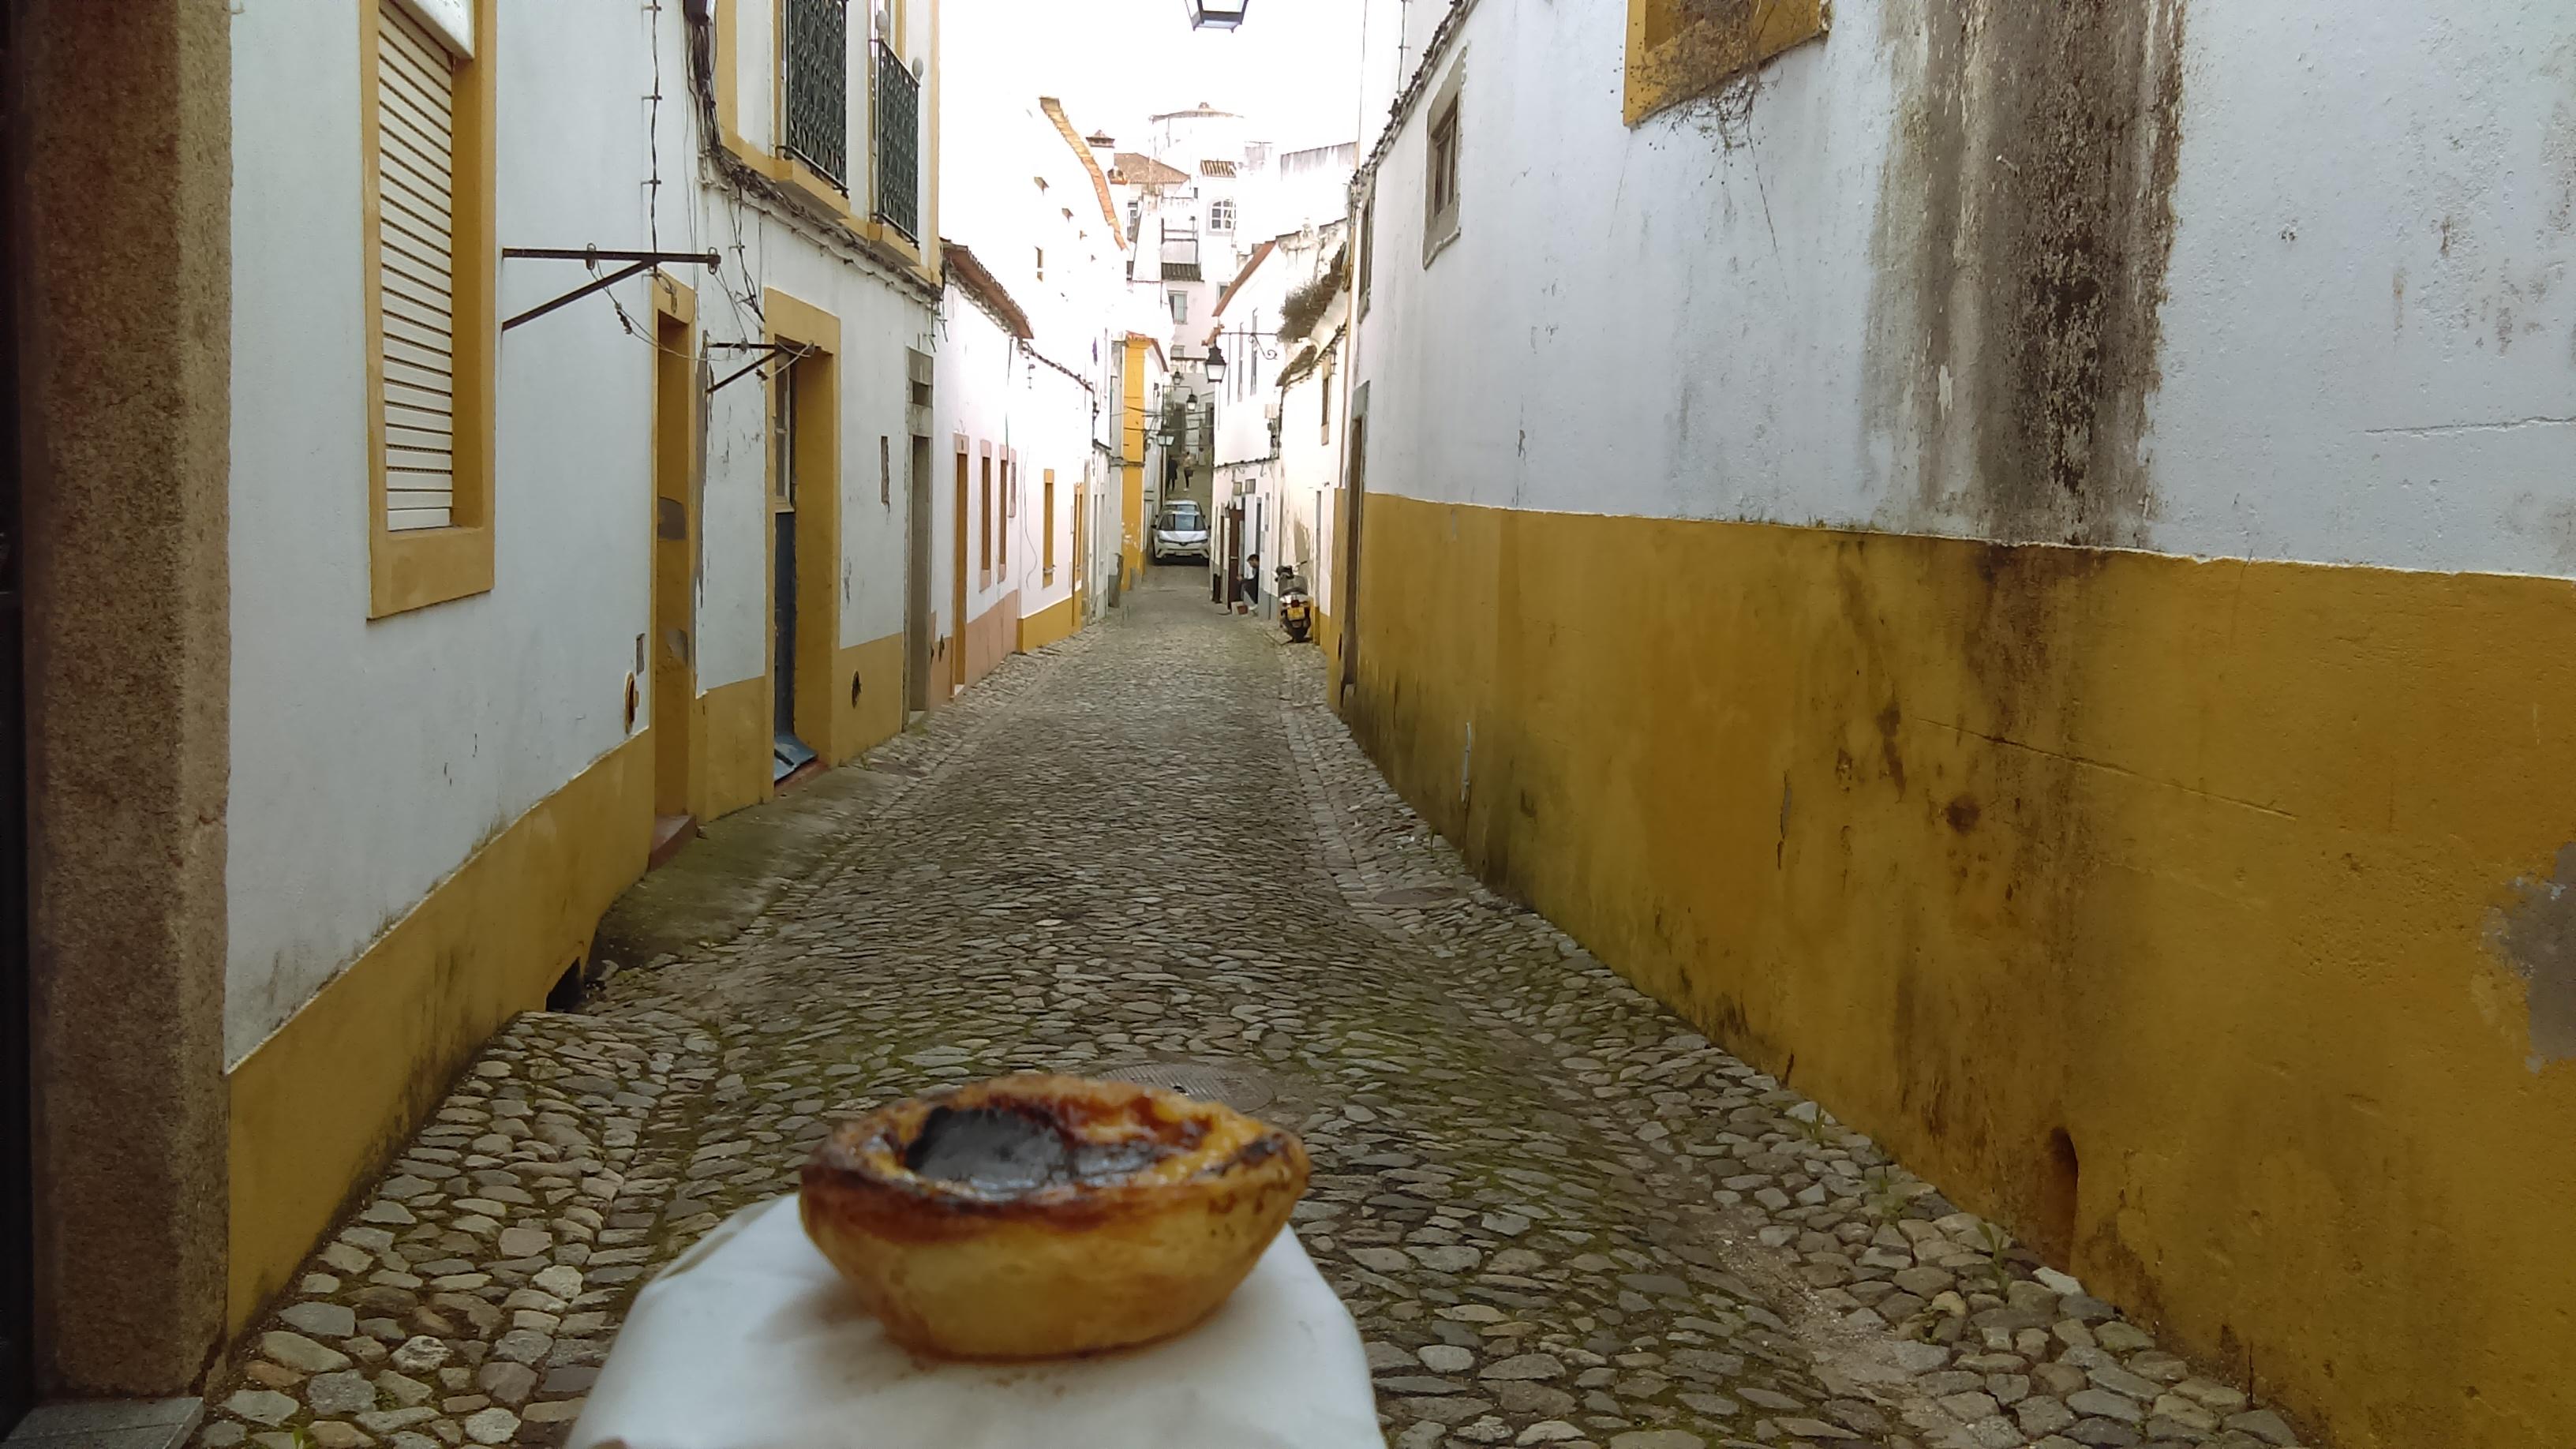 Degustation de pastels de nata au Portugal